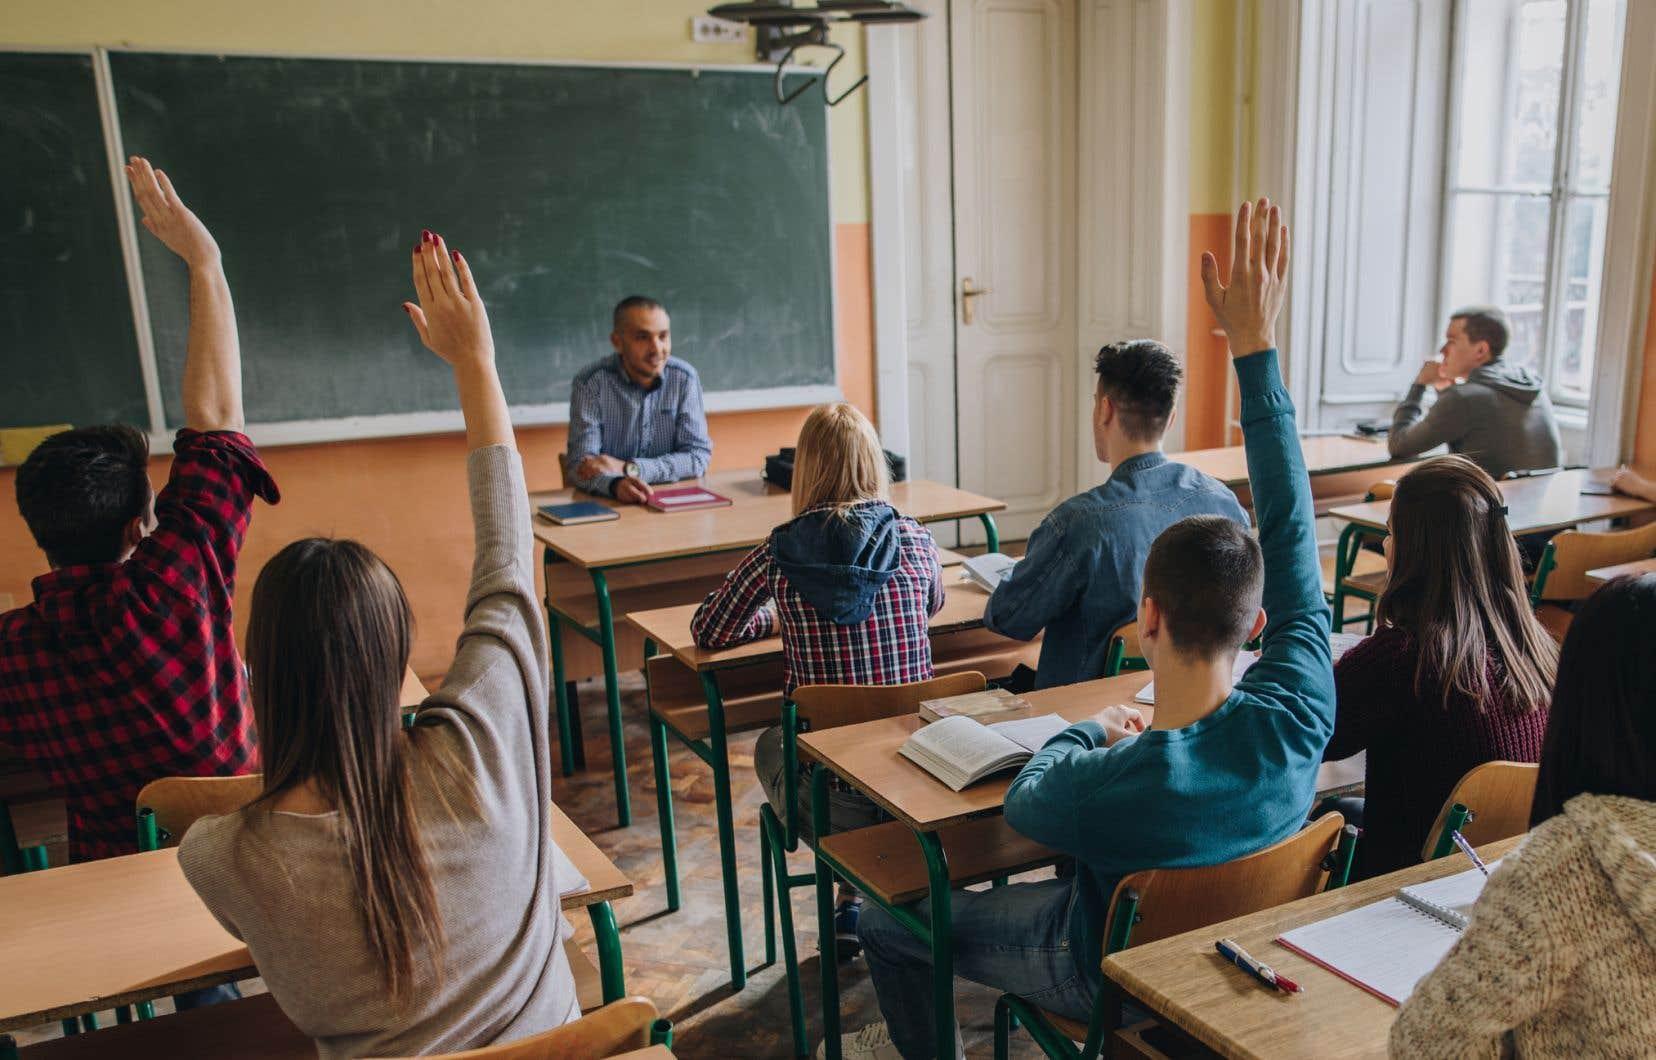 Les systèmes d'éducation les plus performants mélangent dans les mêmes classes les élèves riches, pauvres, qui ont les meilleurs et les moins bons résultats.